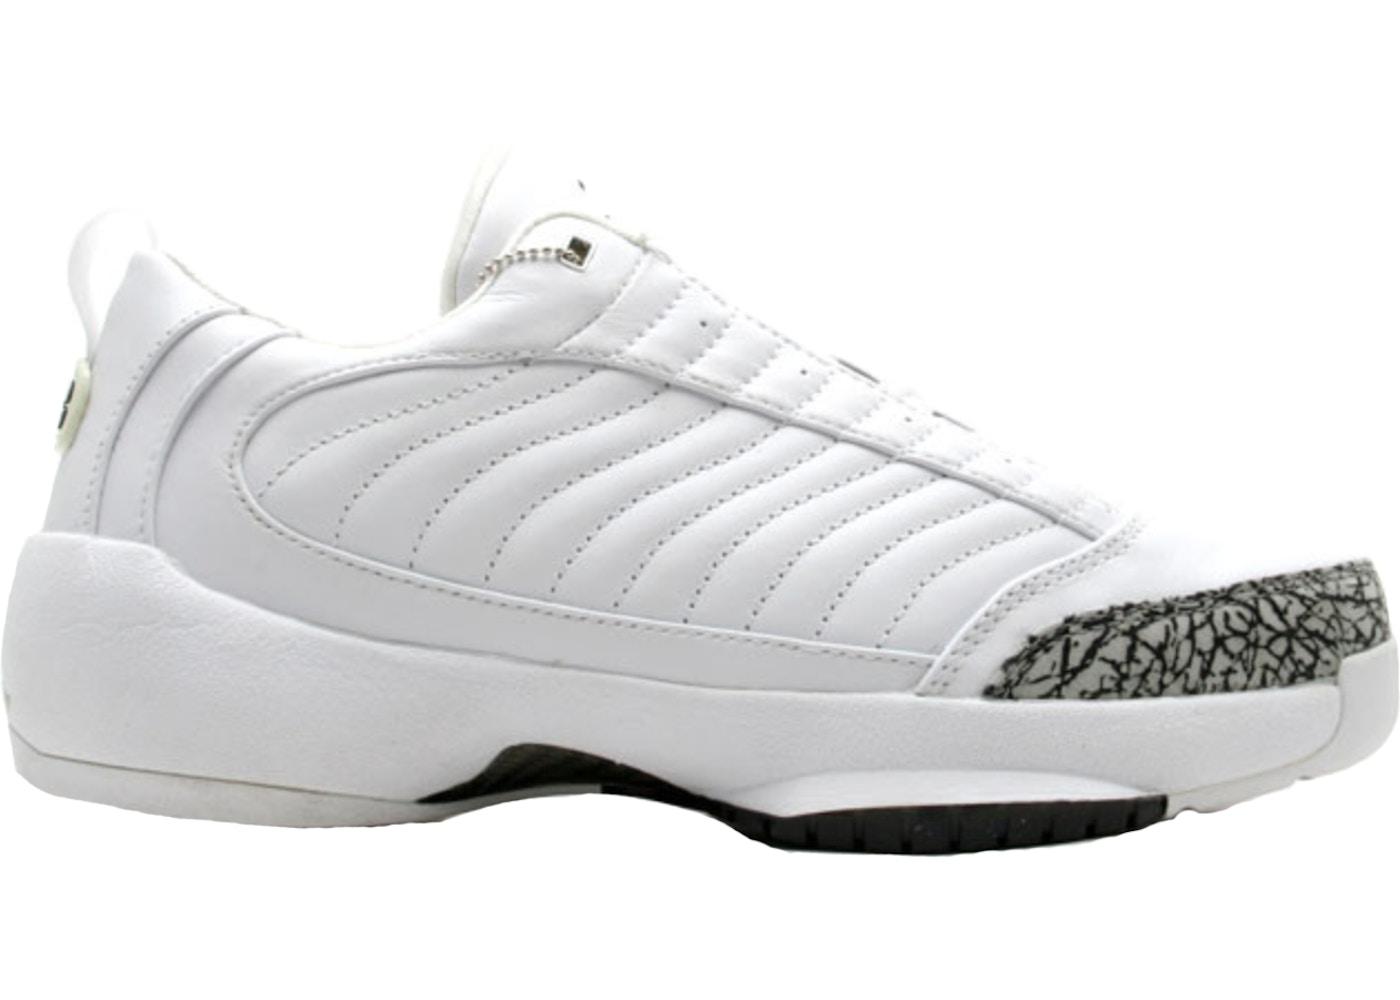 nouveau produit 751d1 7e89f Buy Air Jordan 19 Shoes & Deadstock Sneakers